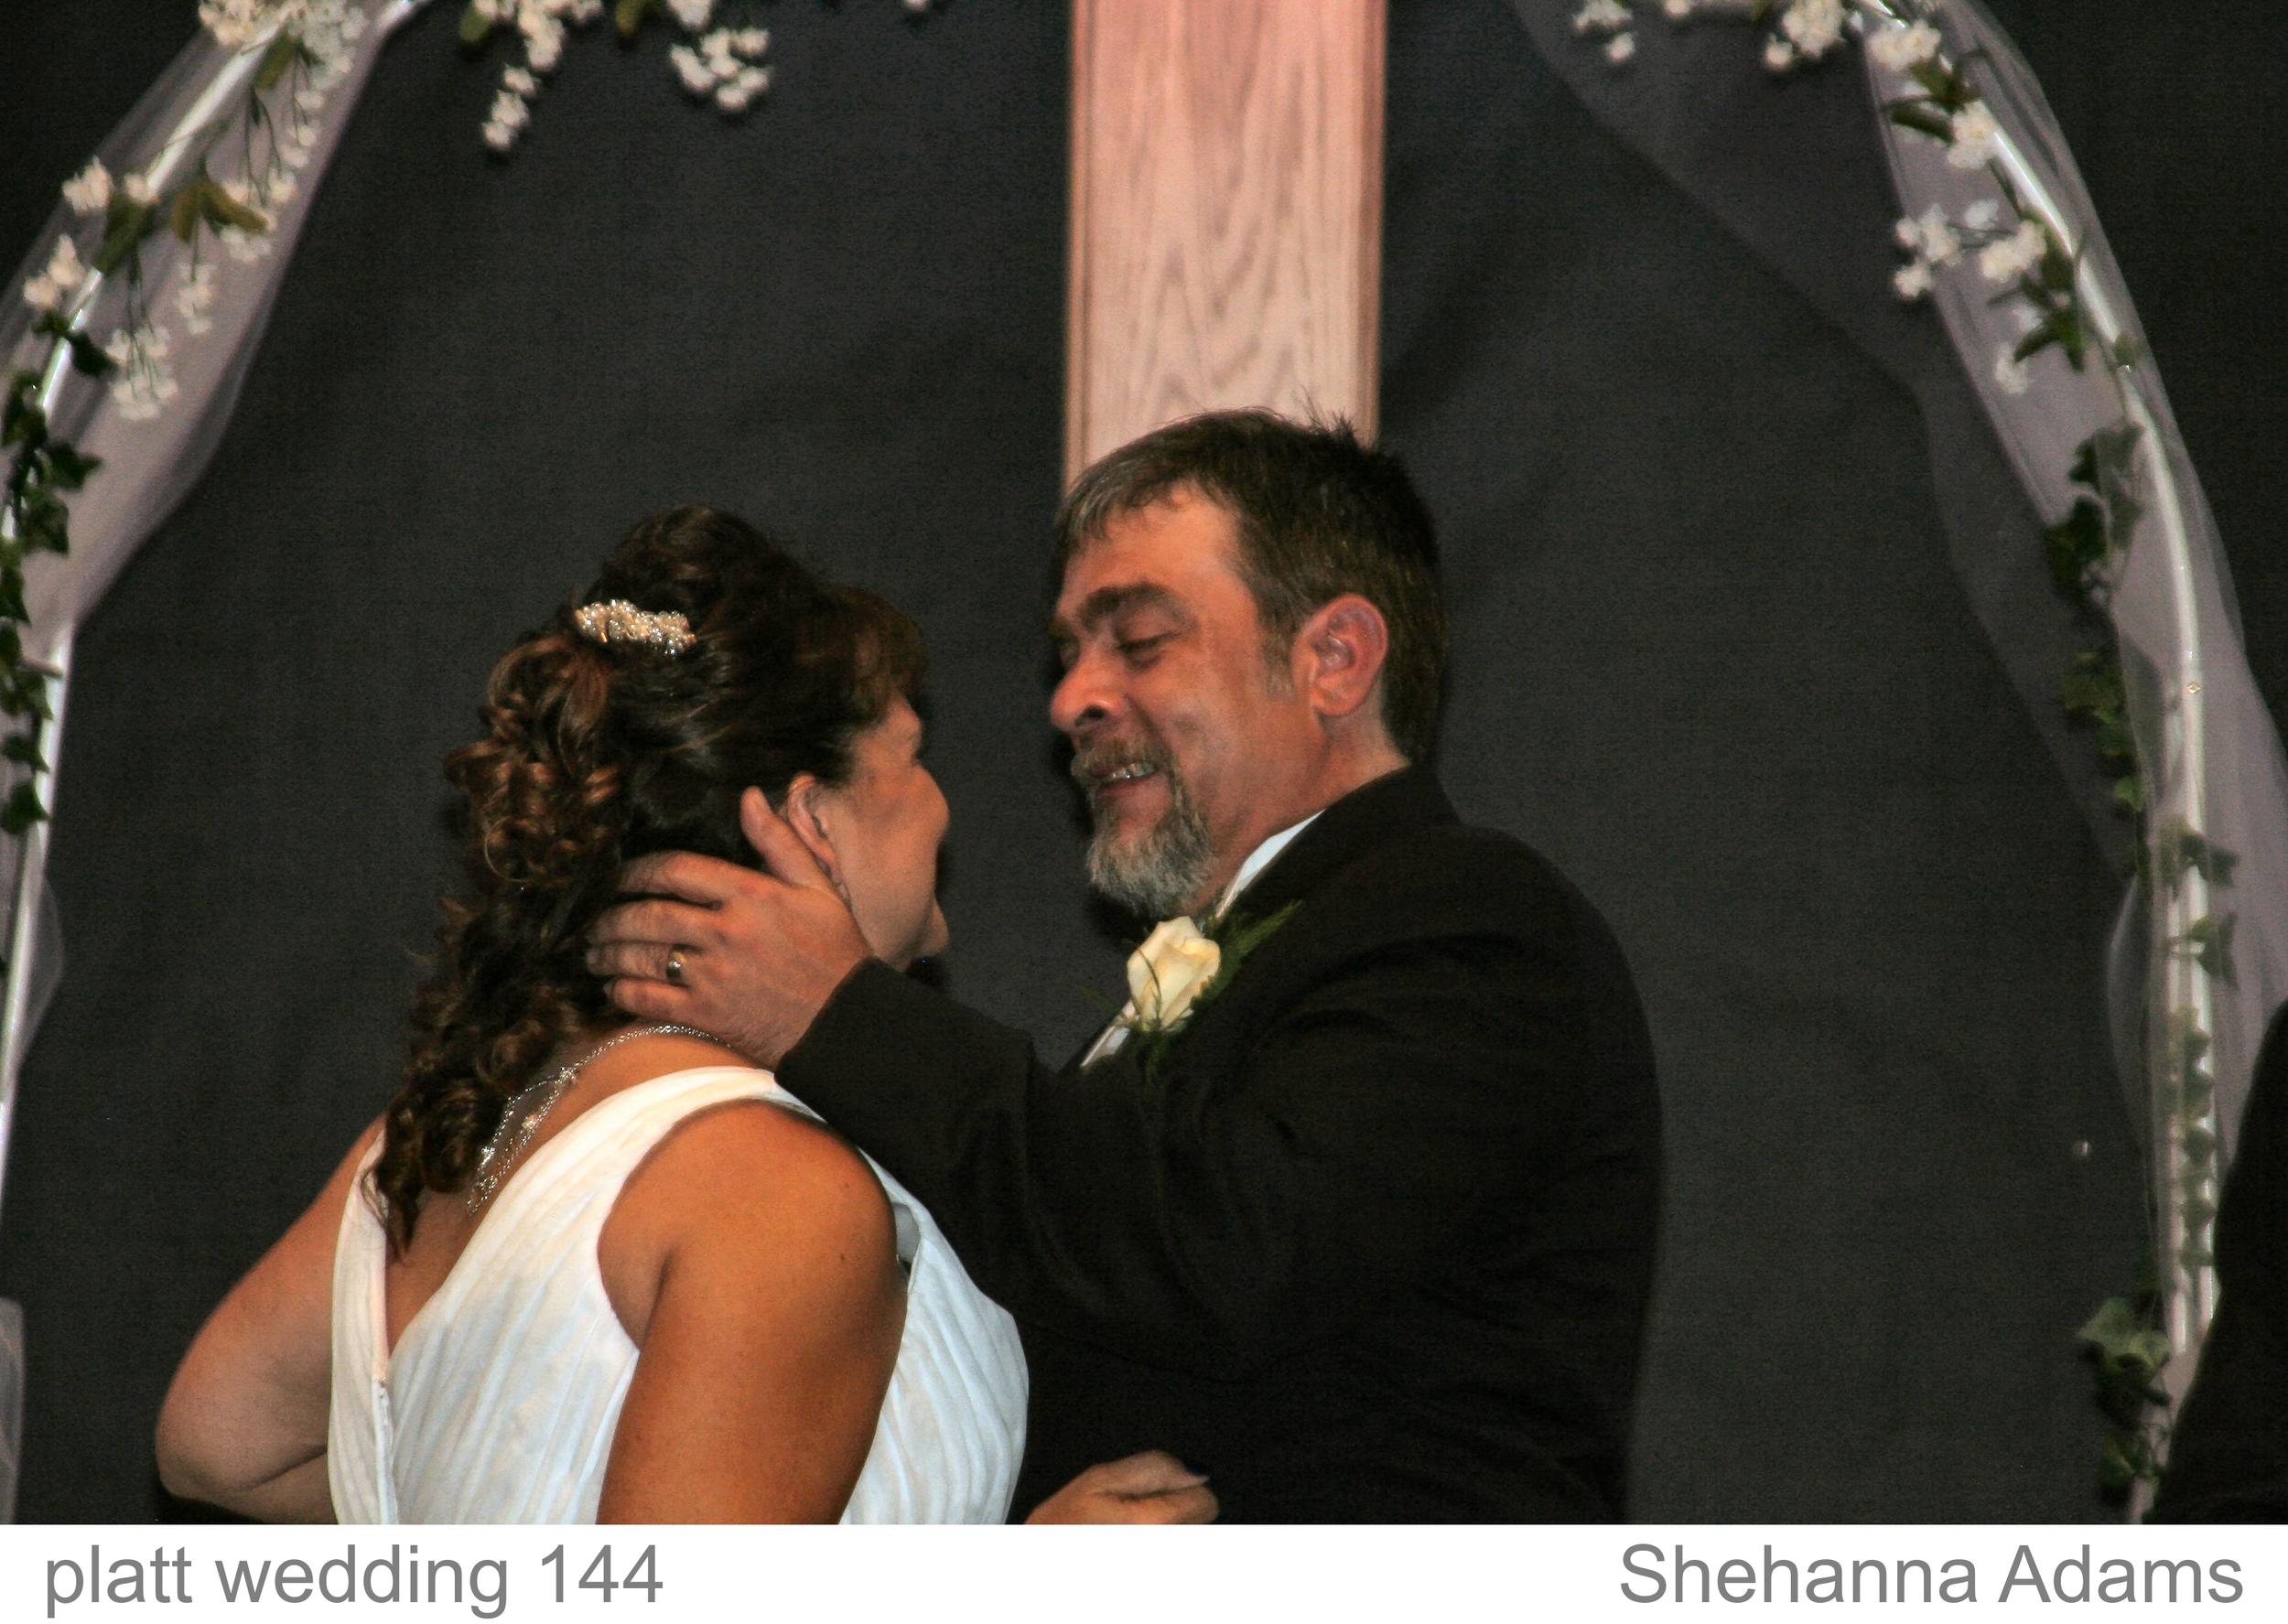 platt wedding 144.jpg